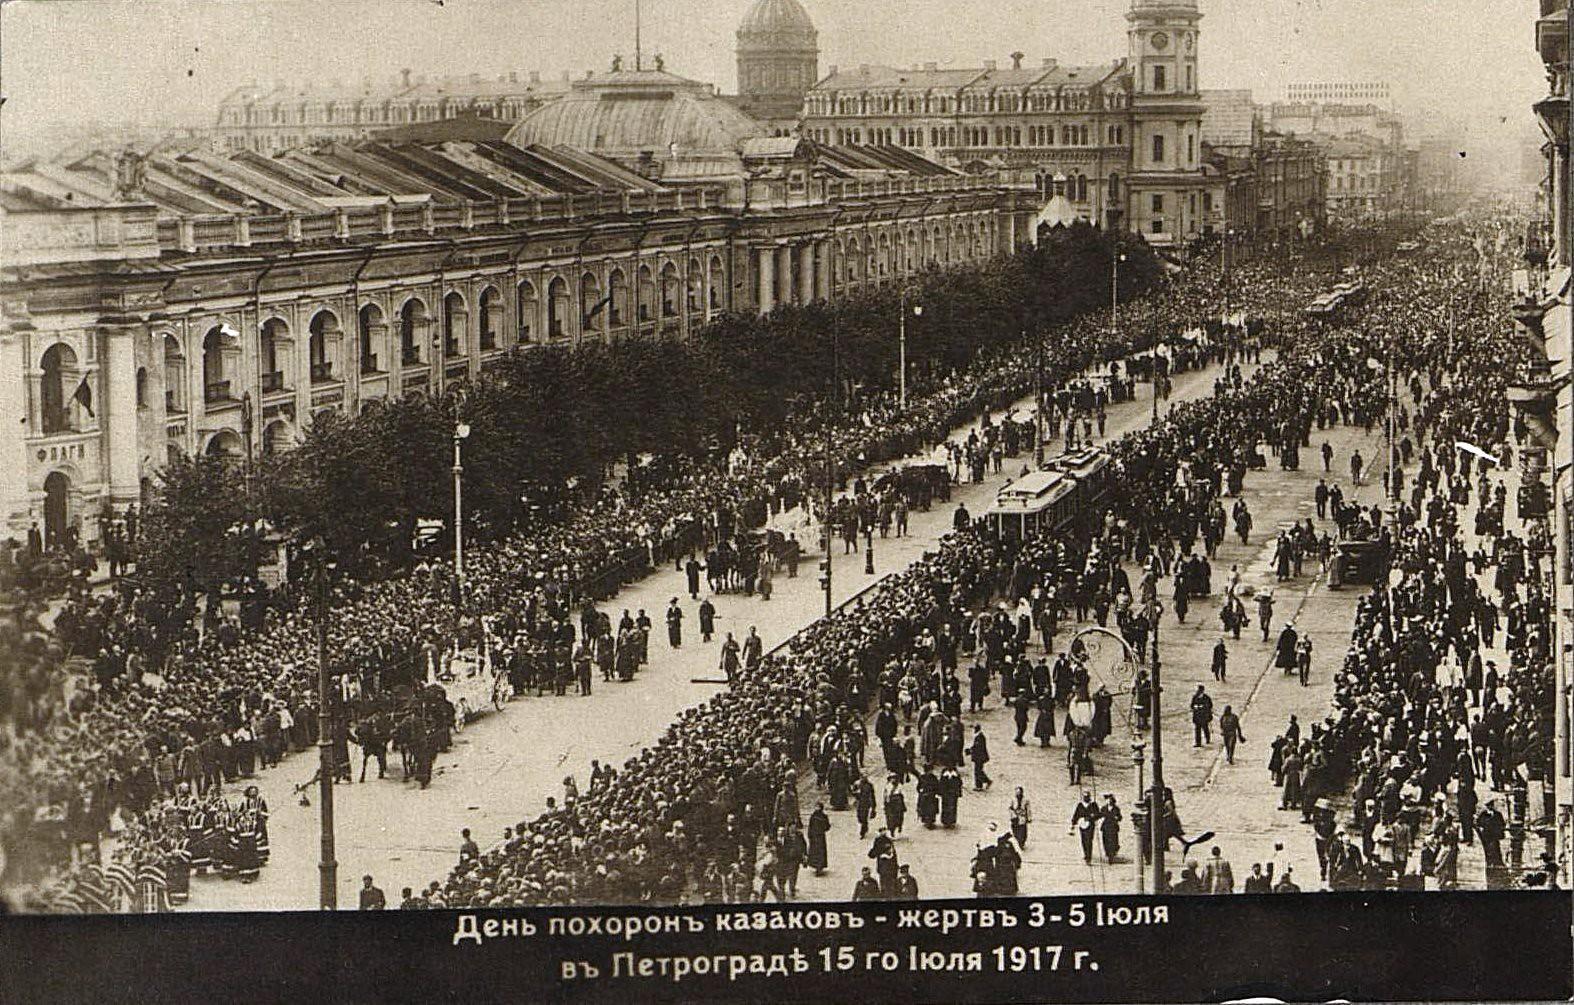 19. 15 июля. Похороны казаков - жертв событий 3-5 июля в Петрограде (4)